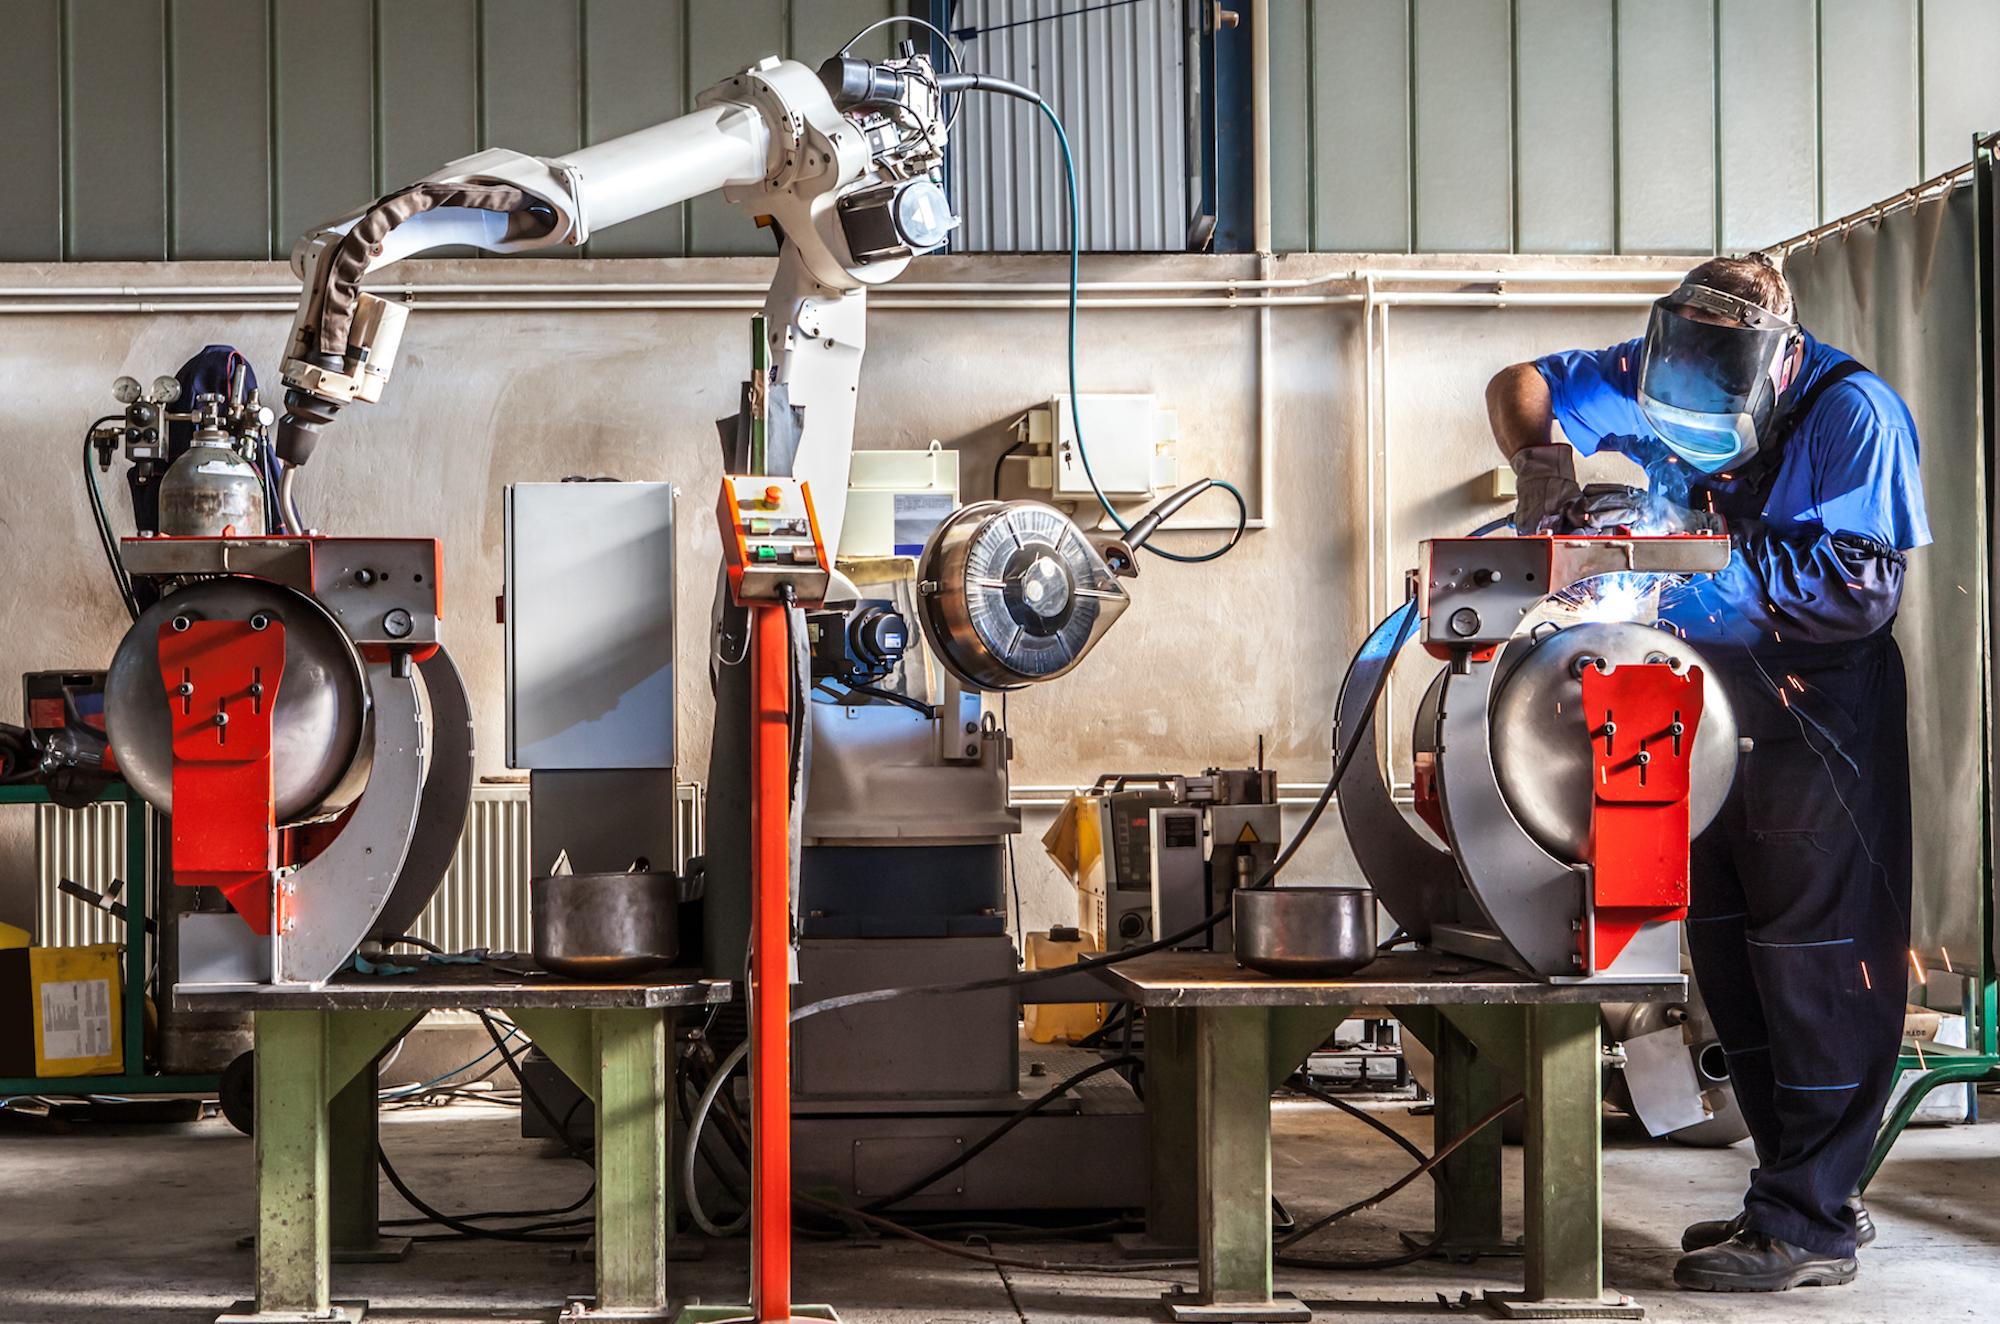 Robot współpracujący z człowiekiem, to cobot. Fot. Shutterstock.